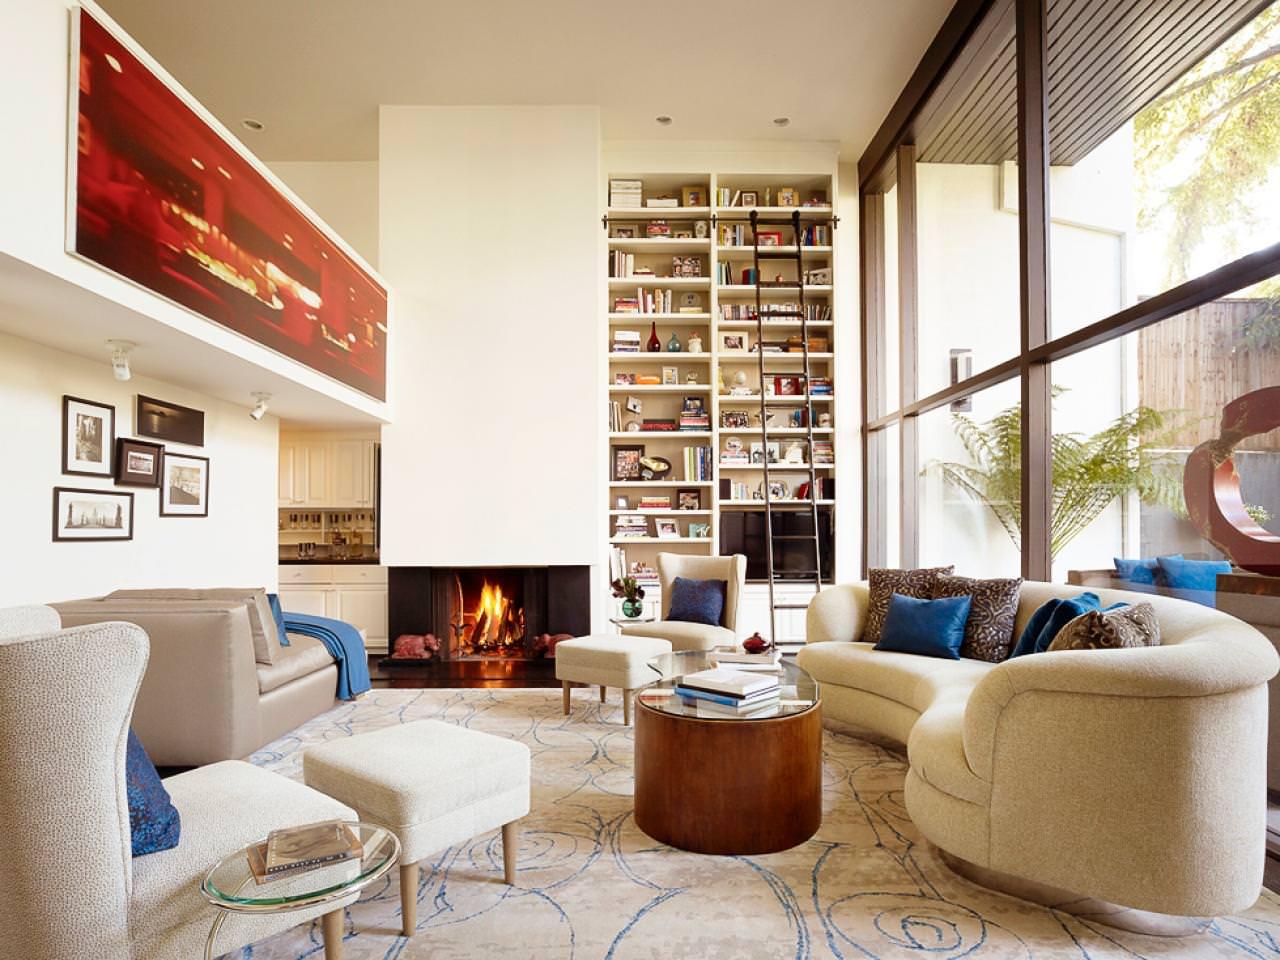 23+ Square Living Room Designs, Decorating Ideas